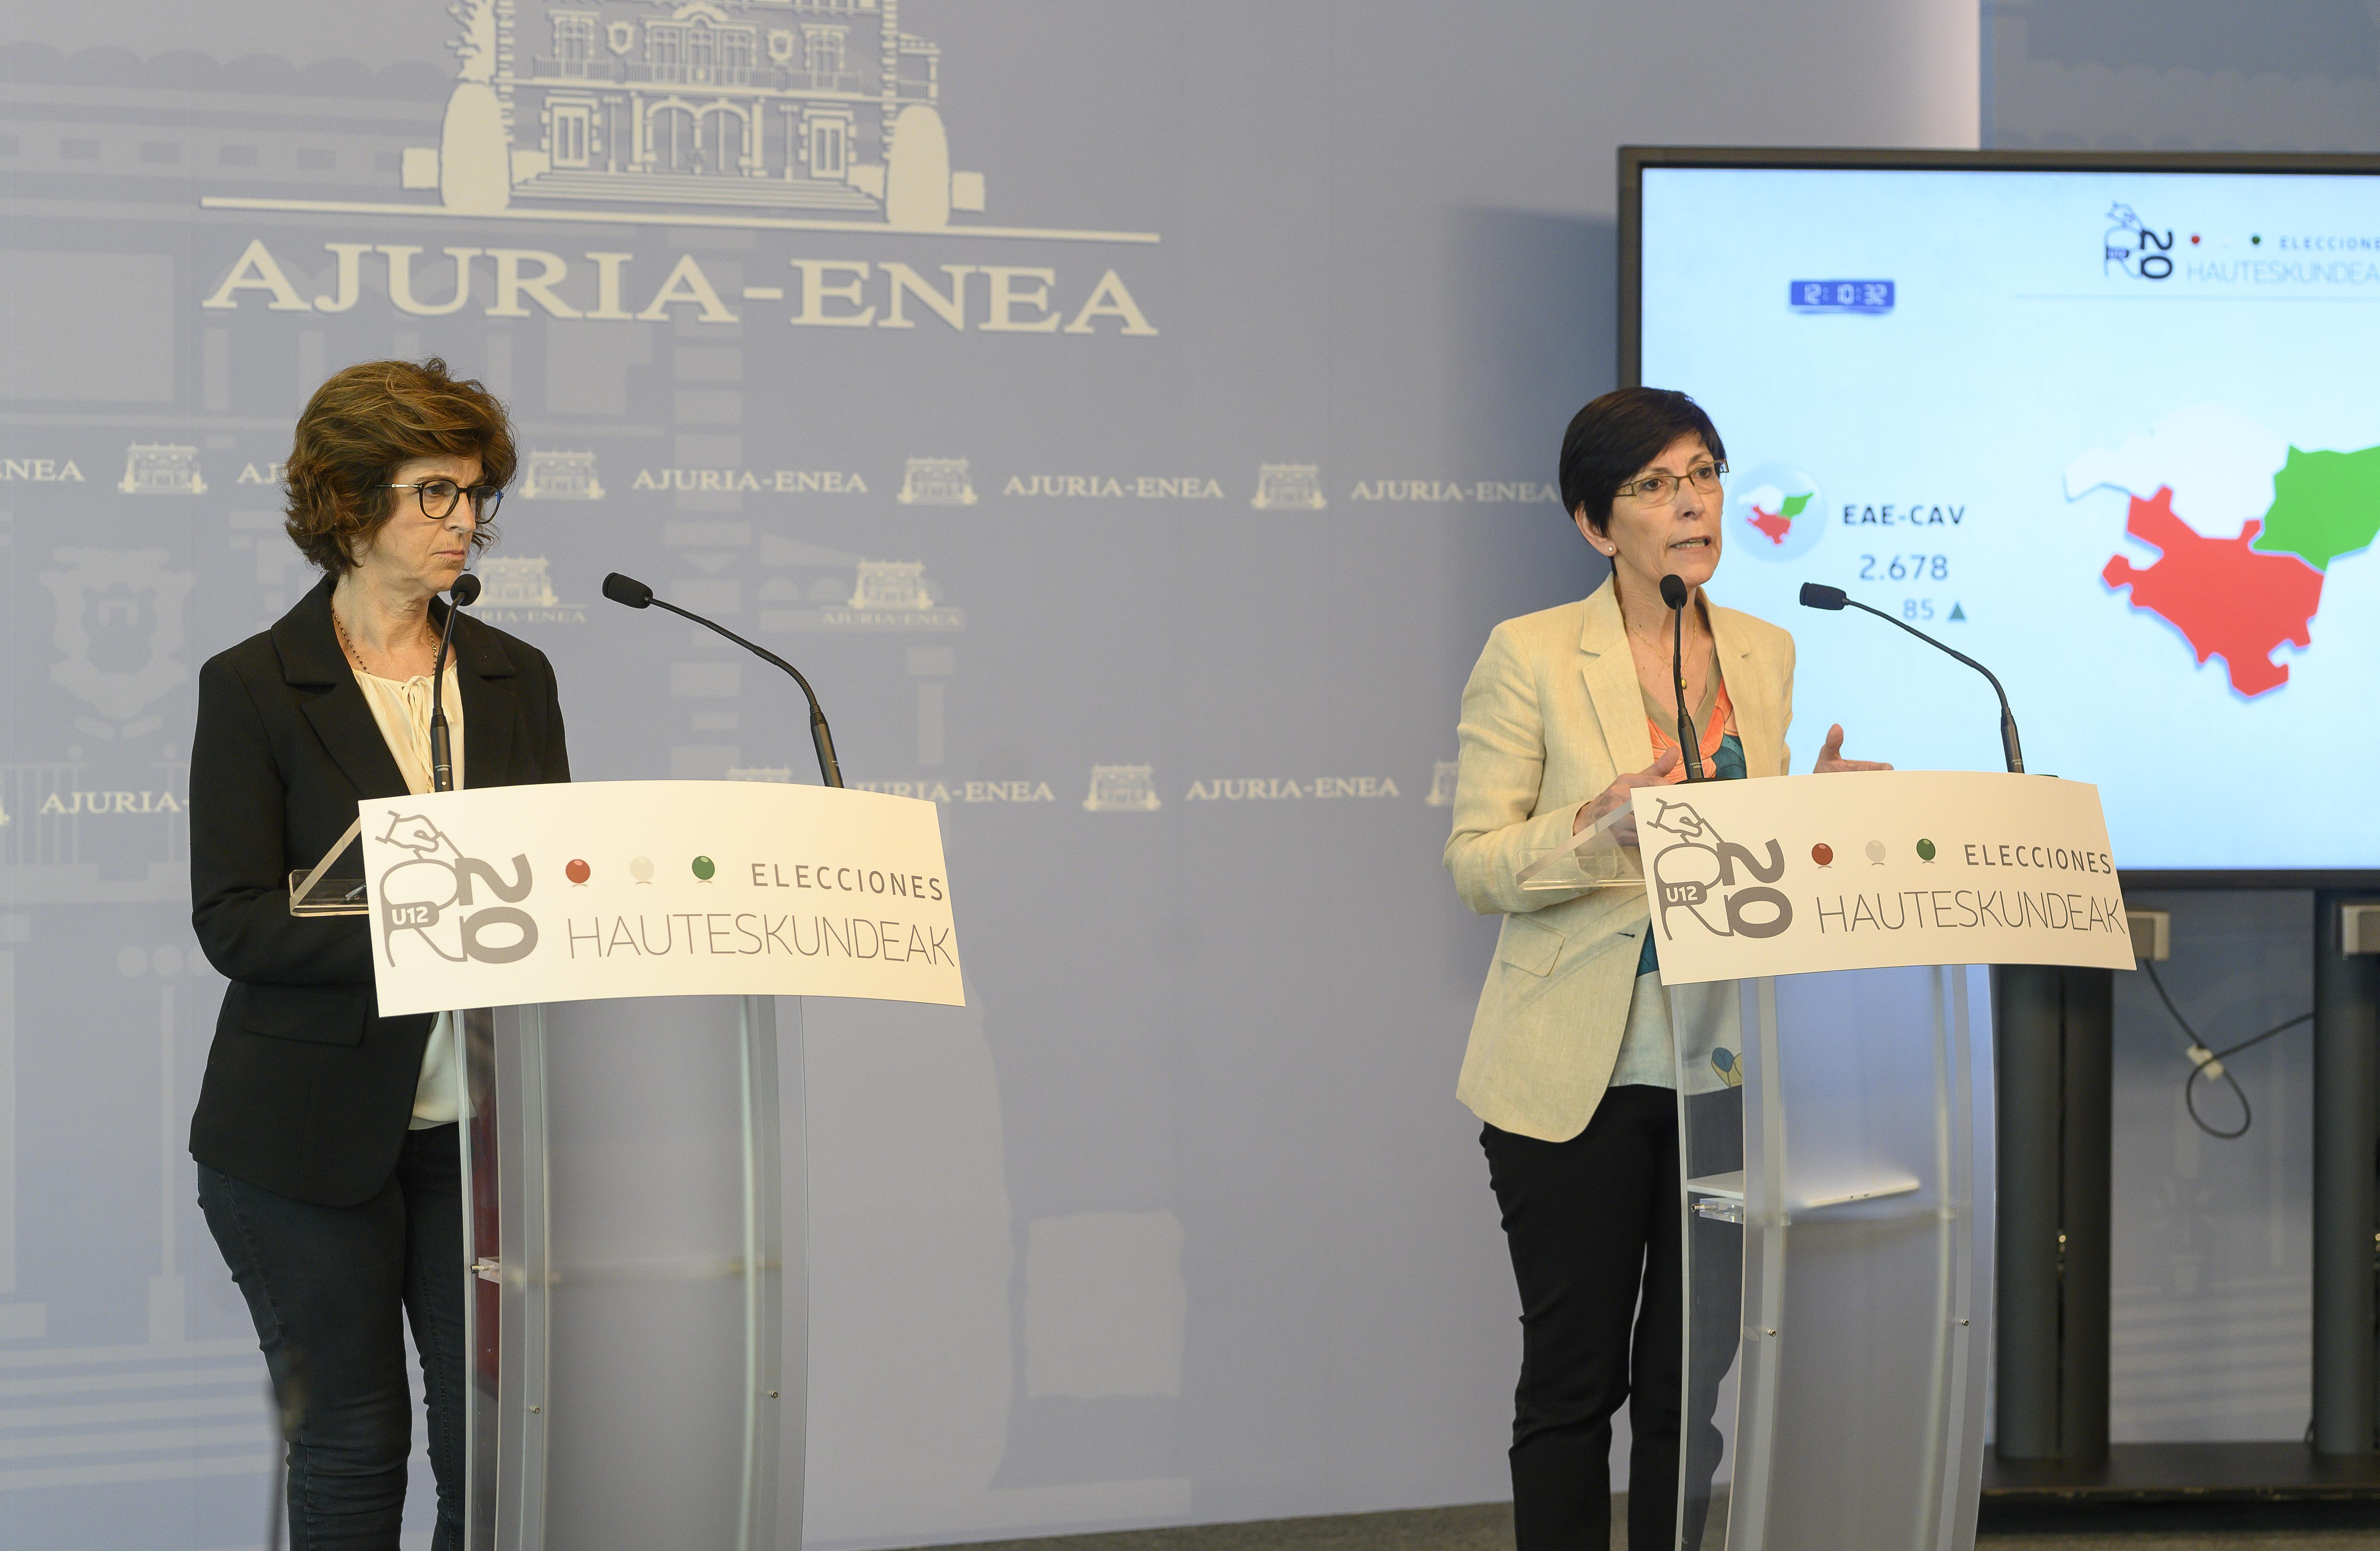 Más de tres mil quinientas personas integran el dispositivo para la recogida y difusión del escrutinio electoral del 12-J [0:00]